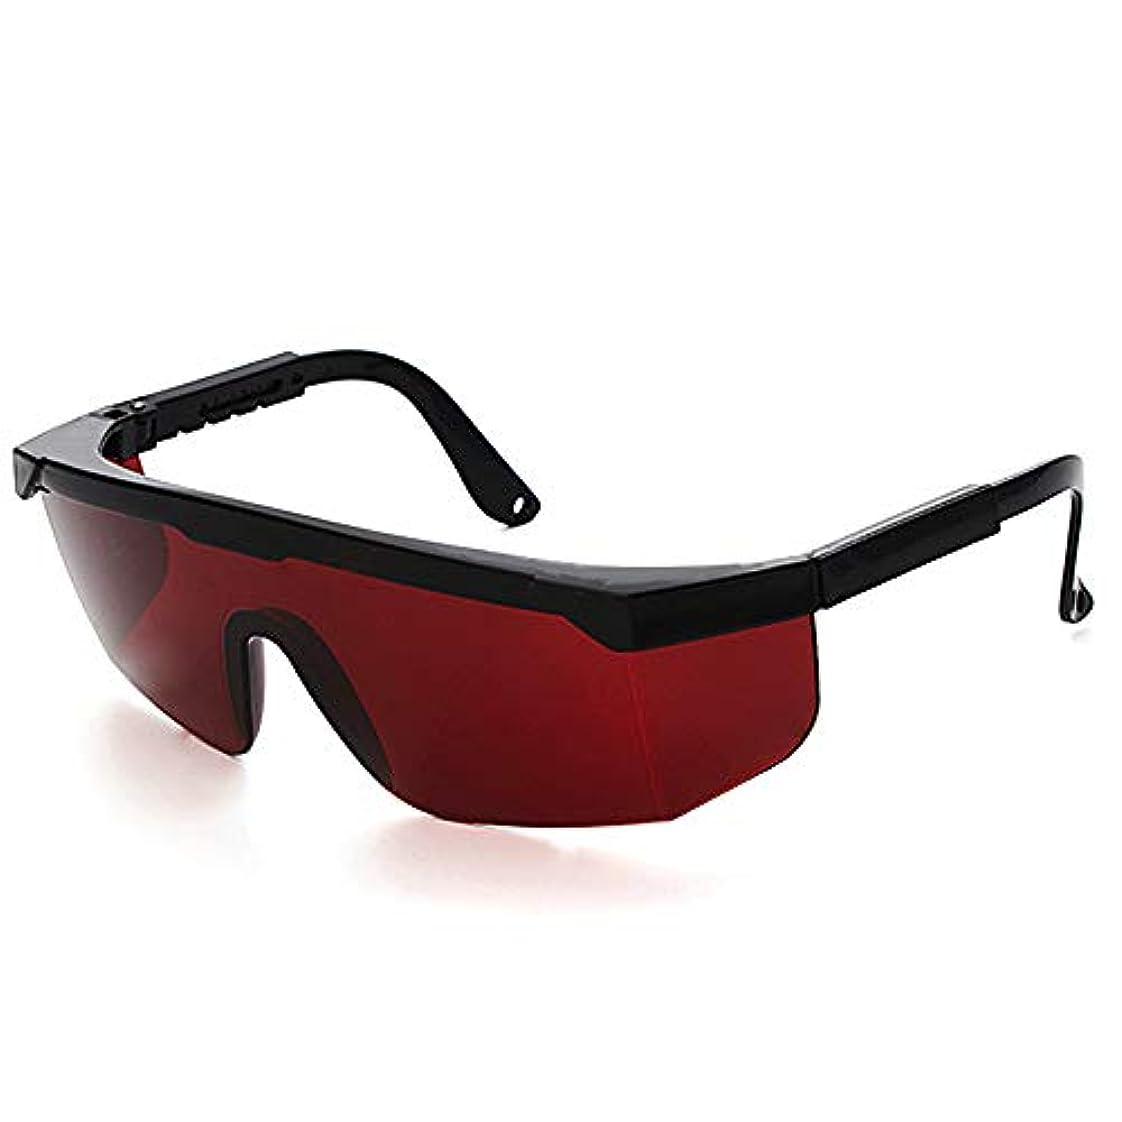 露骨な宗教注目すべきJiayaofu レーザー保護メガネIPL美容機器メガネレーザーペアIPLメガネ、安全メガネ